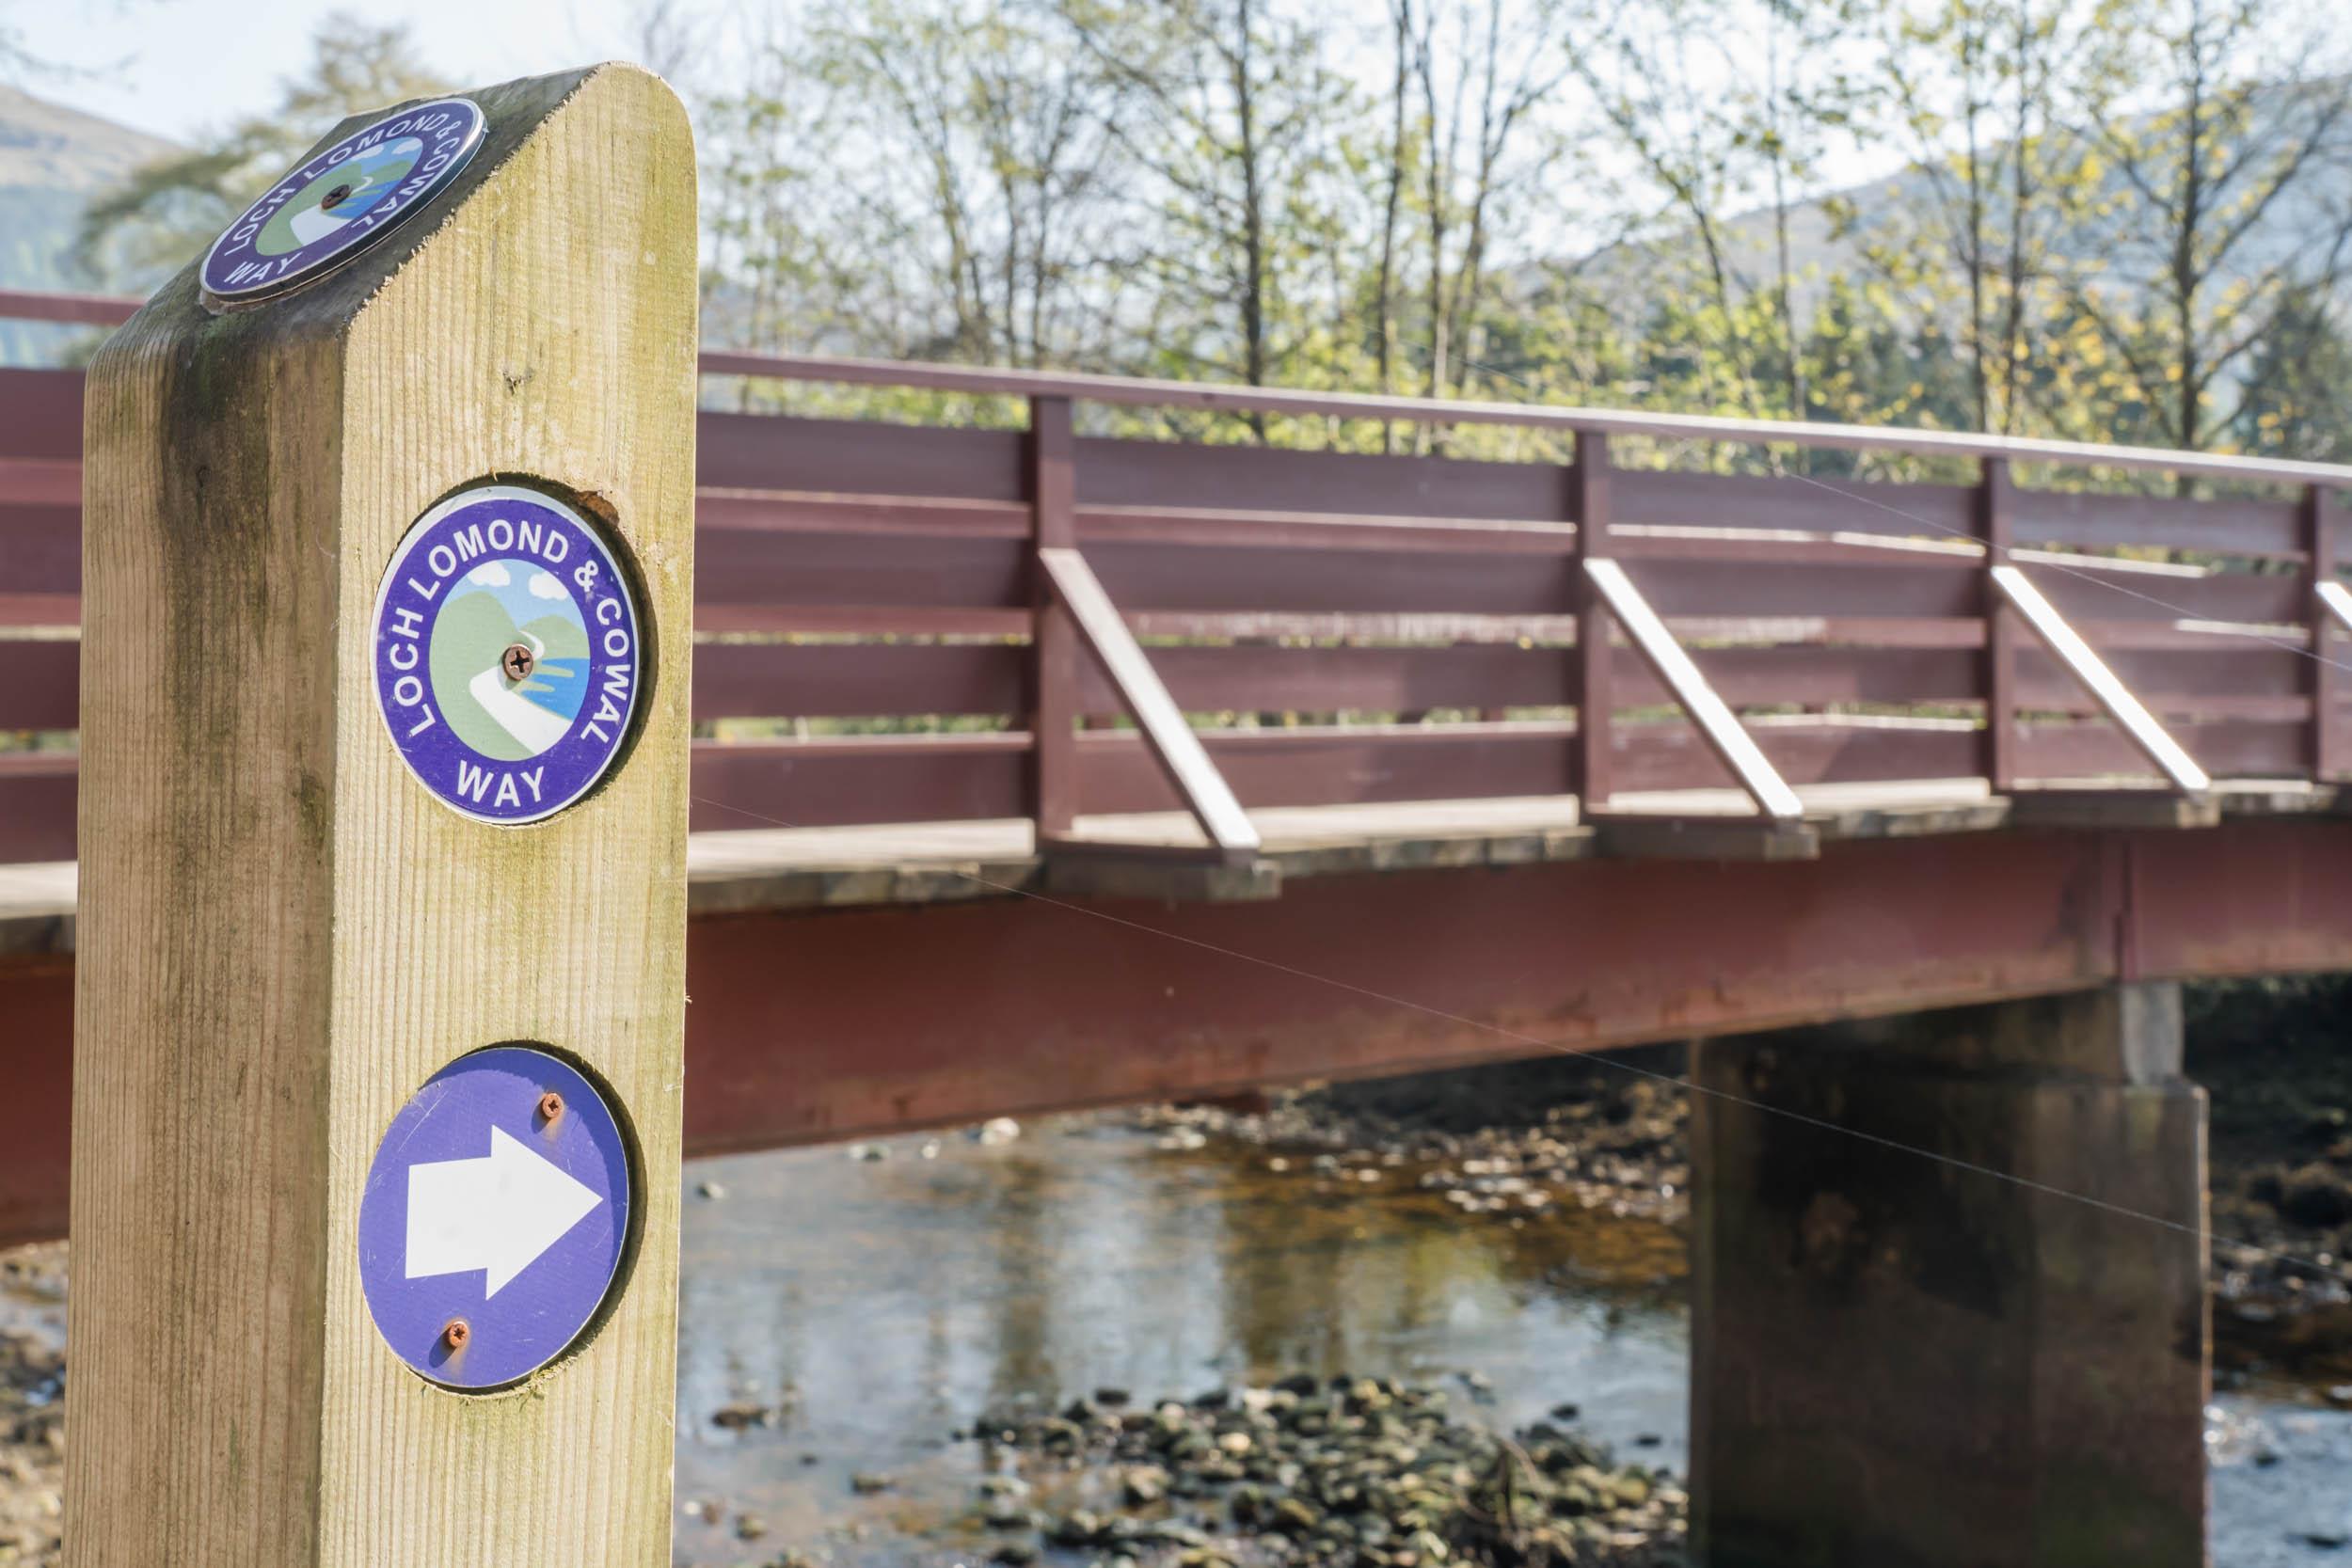 Loch-Lomond-Cowal-Way-Lochgoilhead-01543.jpg